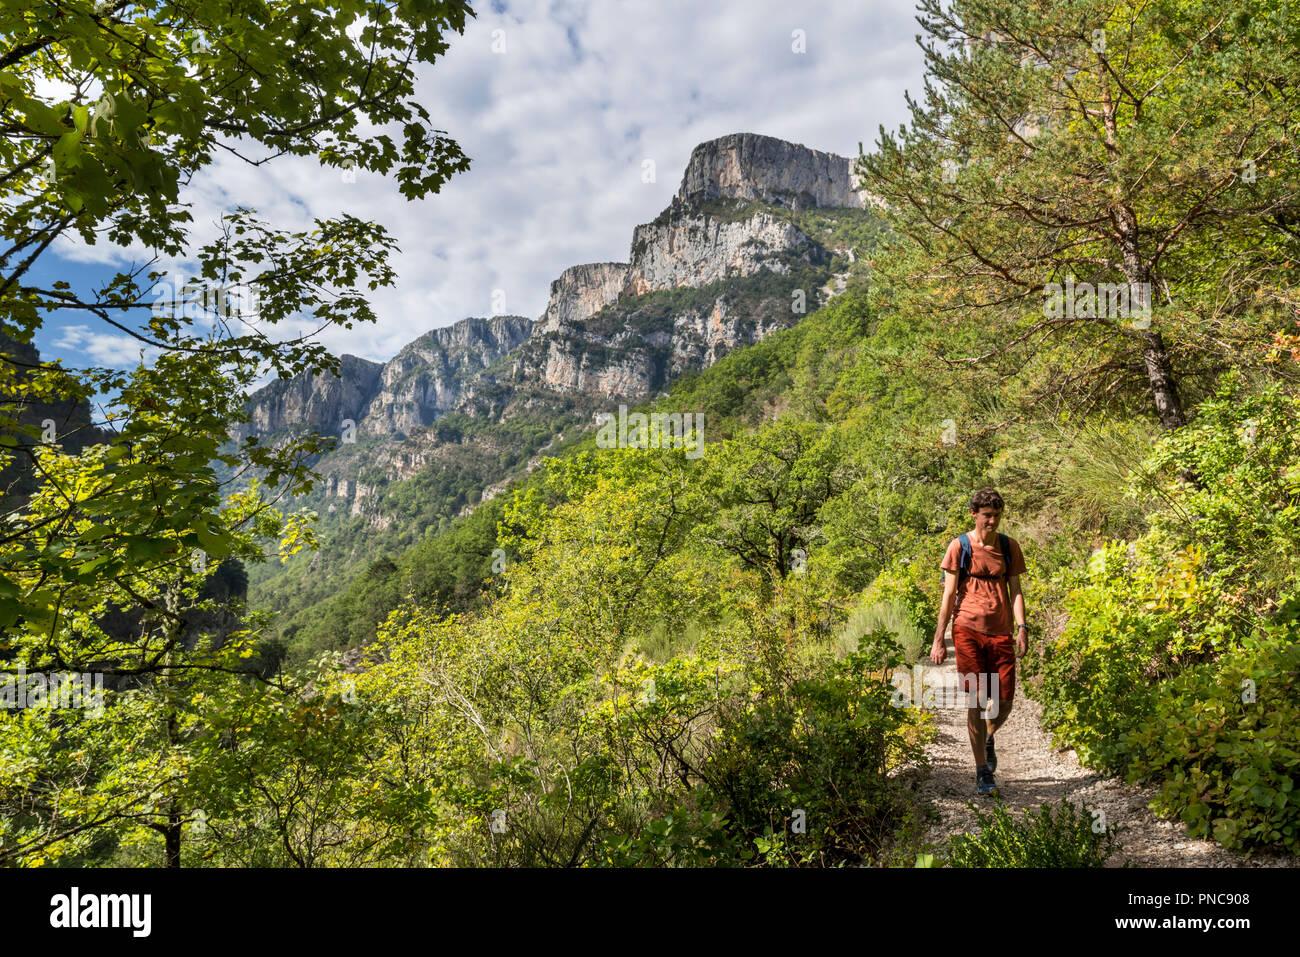 Walker walking along the Sentier Martel path in the Gorges du Verdon / Verdon Gorge canyon, Provence-Alpes-Côte d'Azur, France - Stock Image